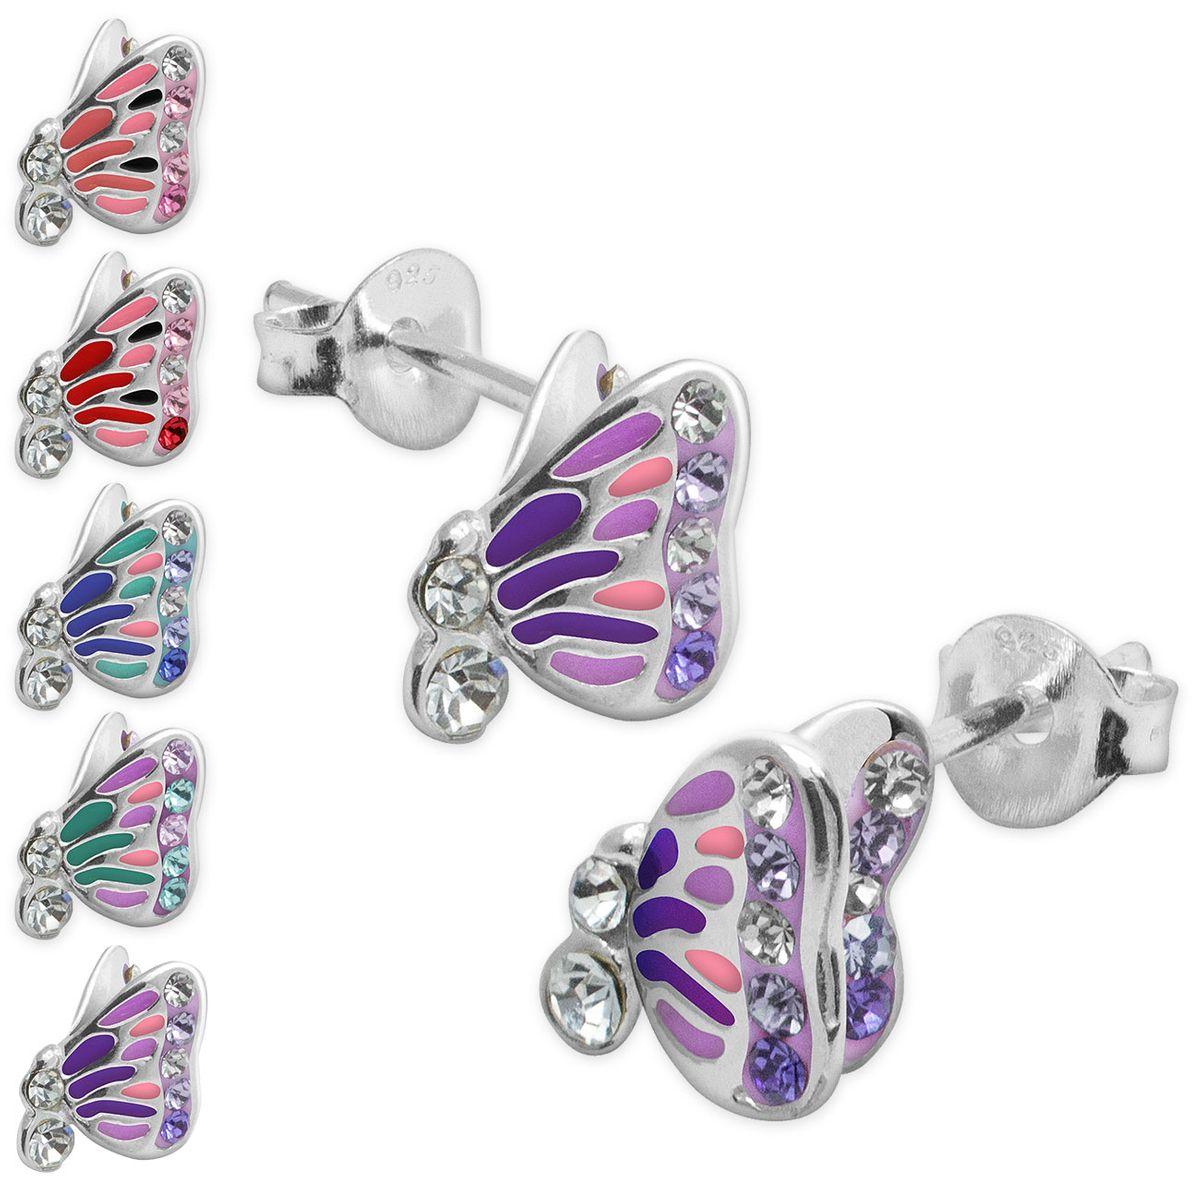 1 Paar Mädchen Ohrringe Echt Gold 585 mit farbiger lila rosa Blume Ohr Stecker